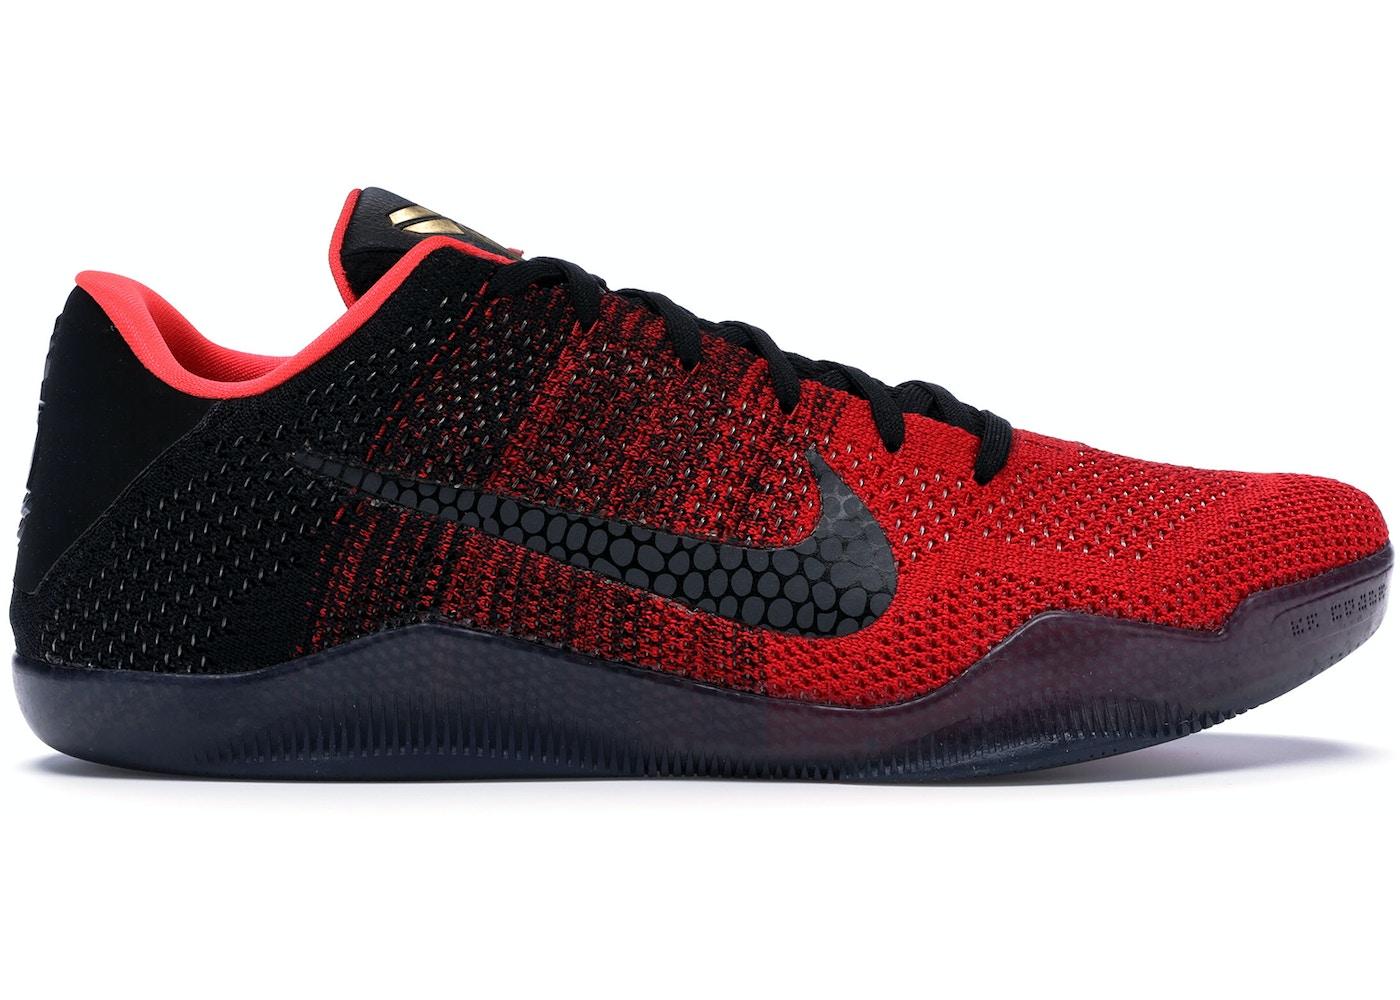 9df28e23f620 Buy Nike Kobe 11 Shoes   Deadstock Sneakers